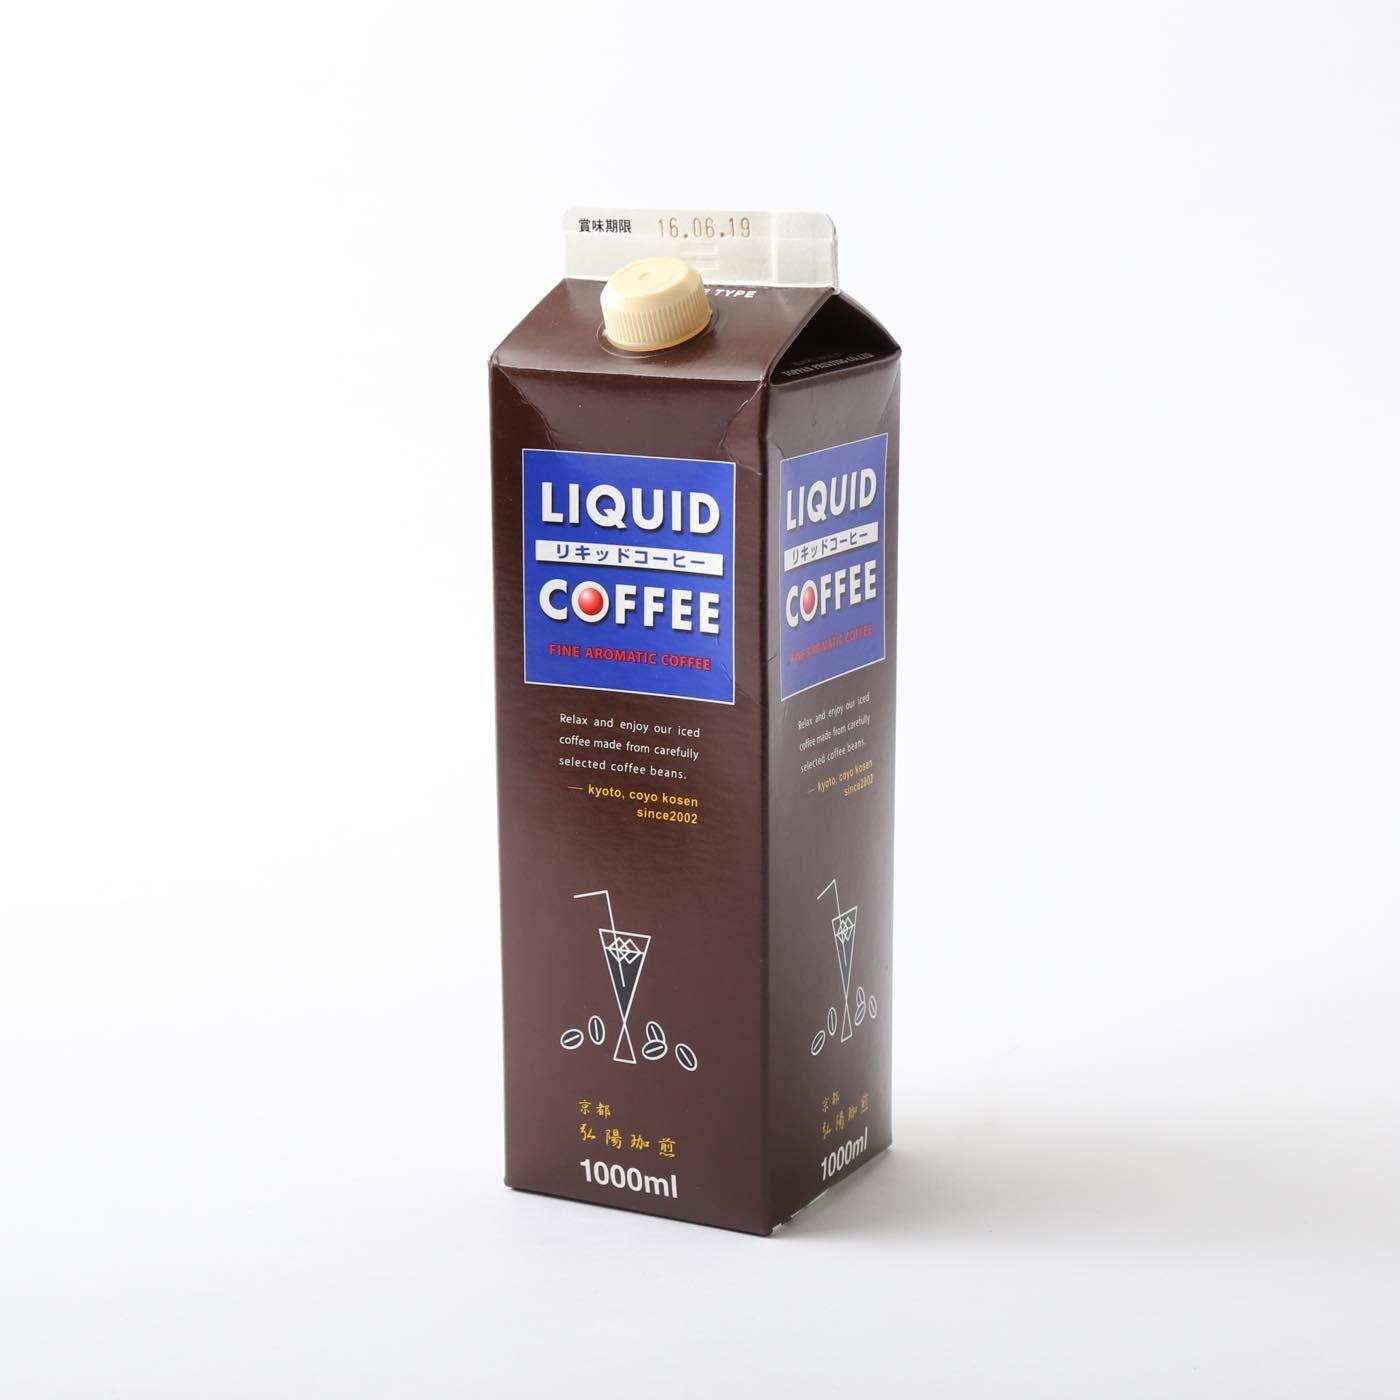 弘陽珈煎オリジナル・アイスリキッドコーヒ6本入